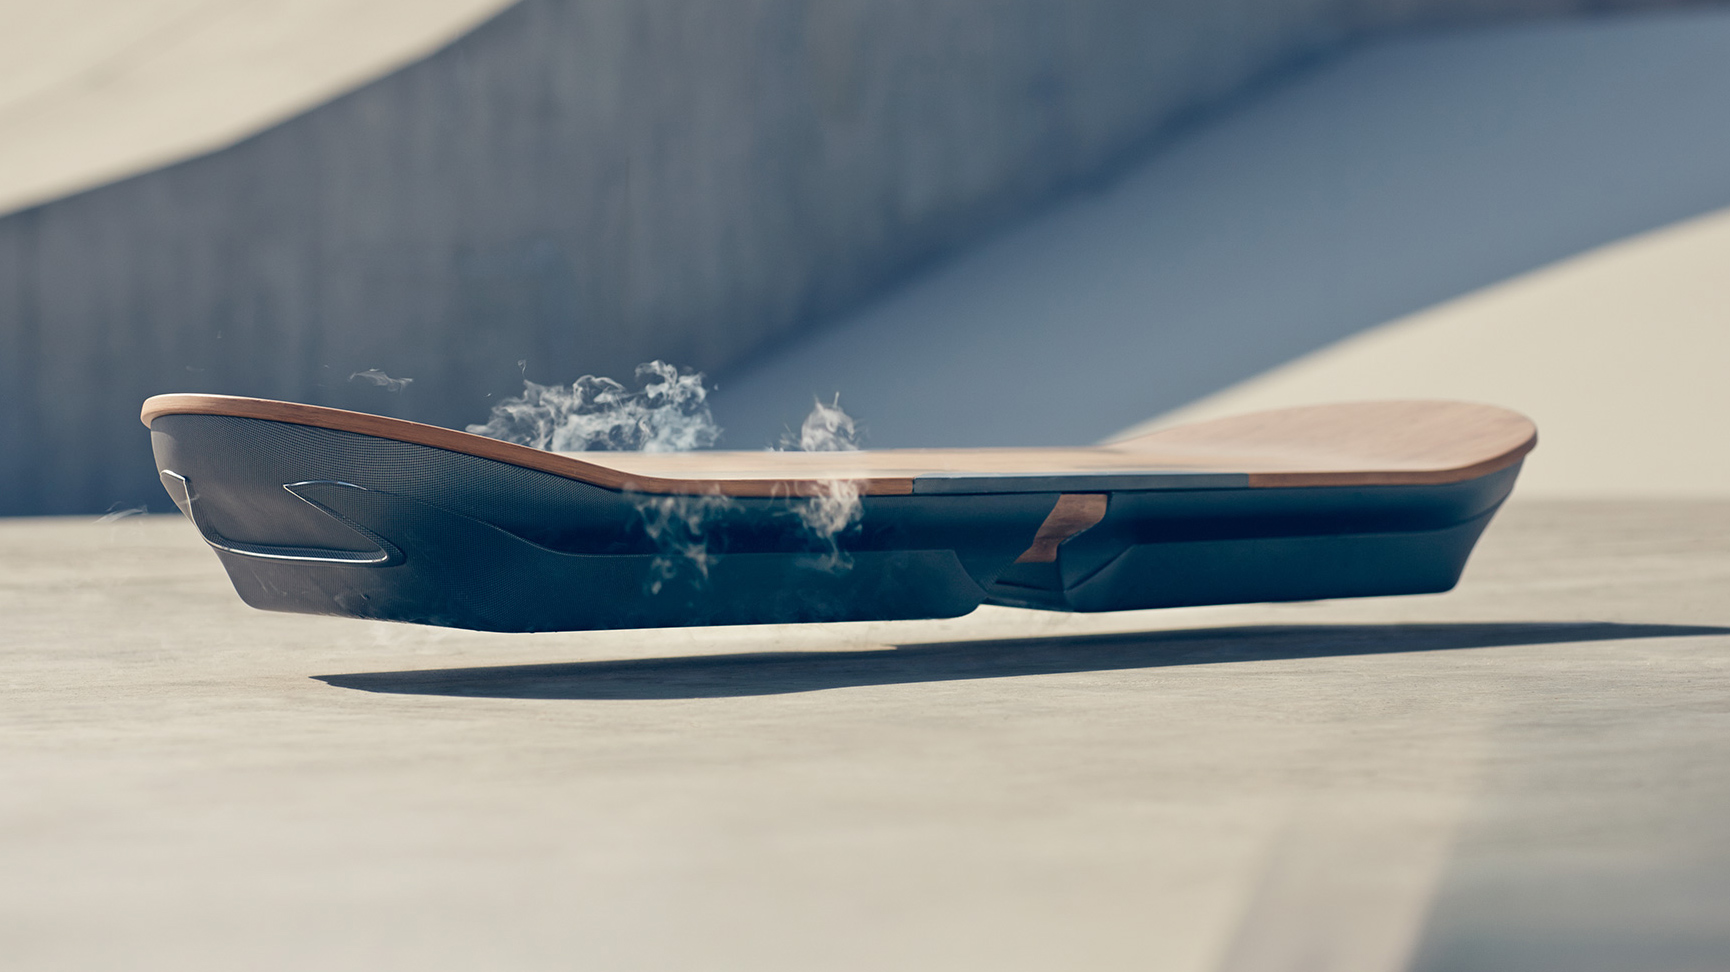 lexus-hoverboard-ft